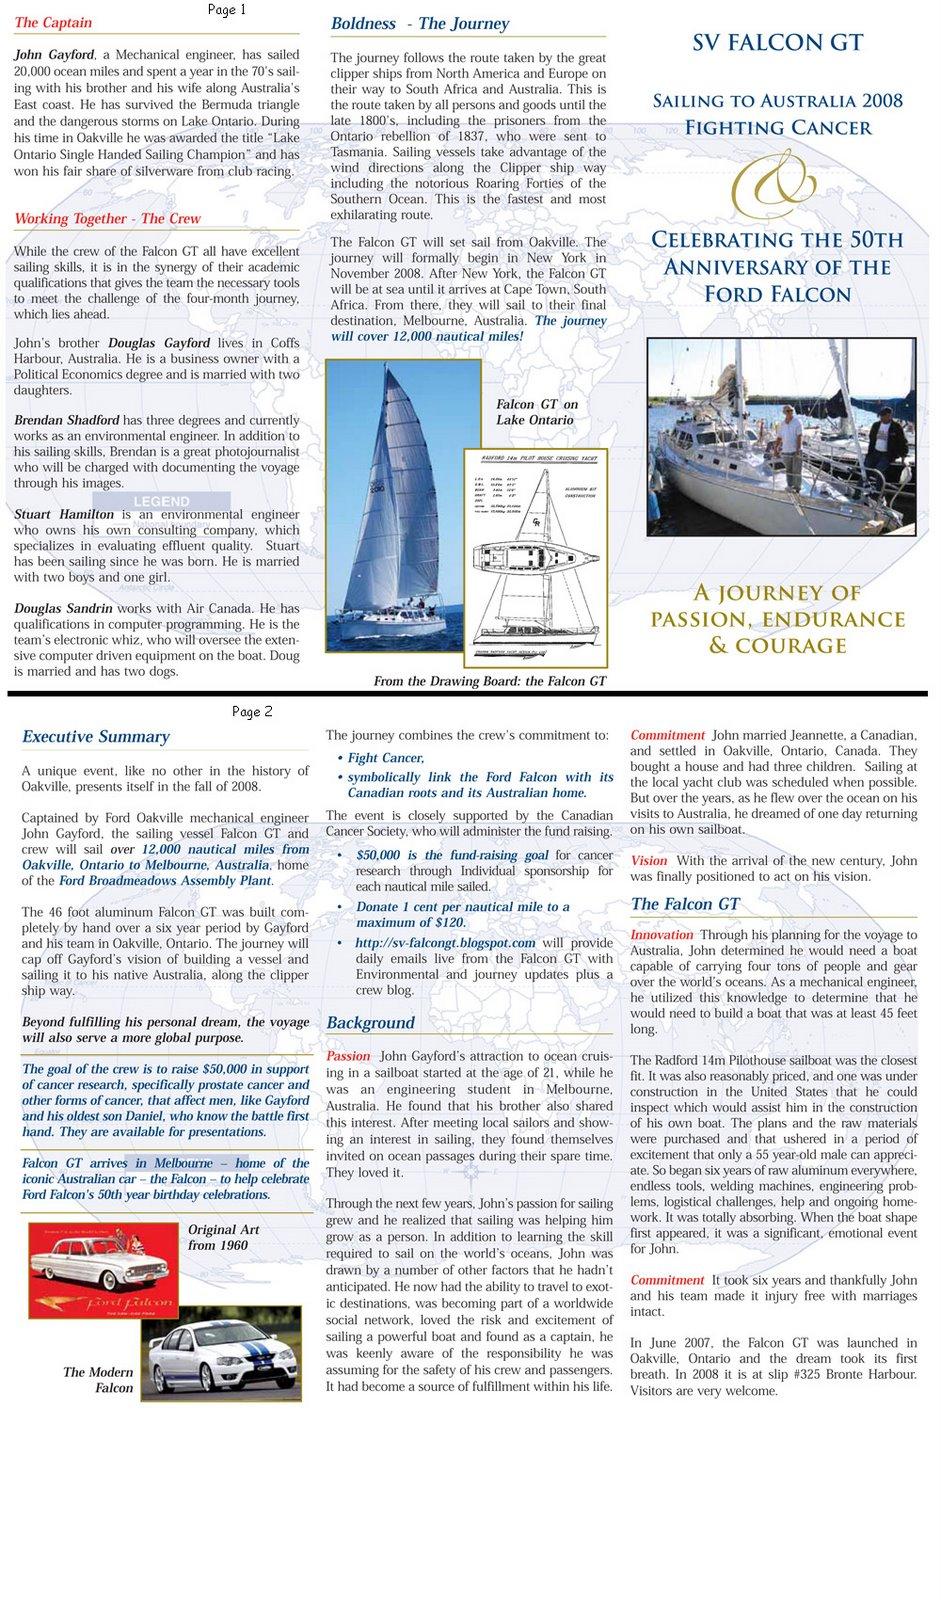 Falcon Voyage Brochure